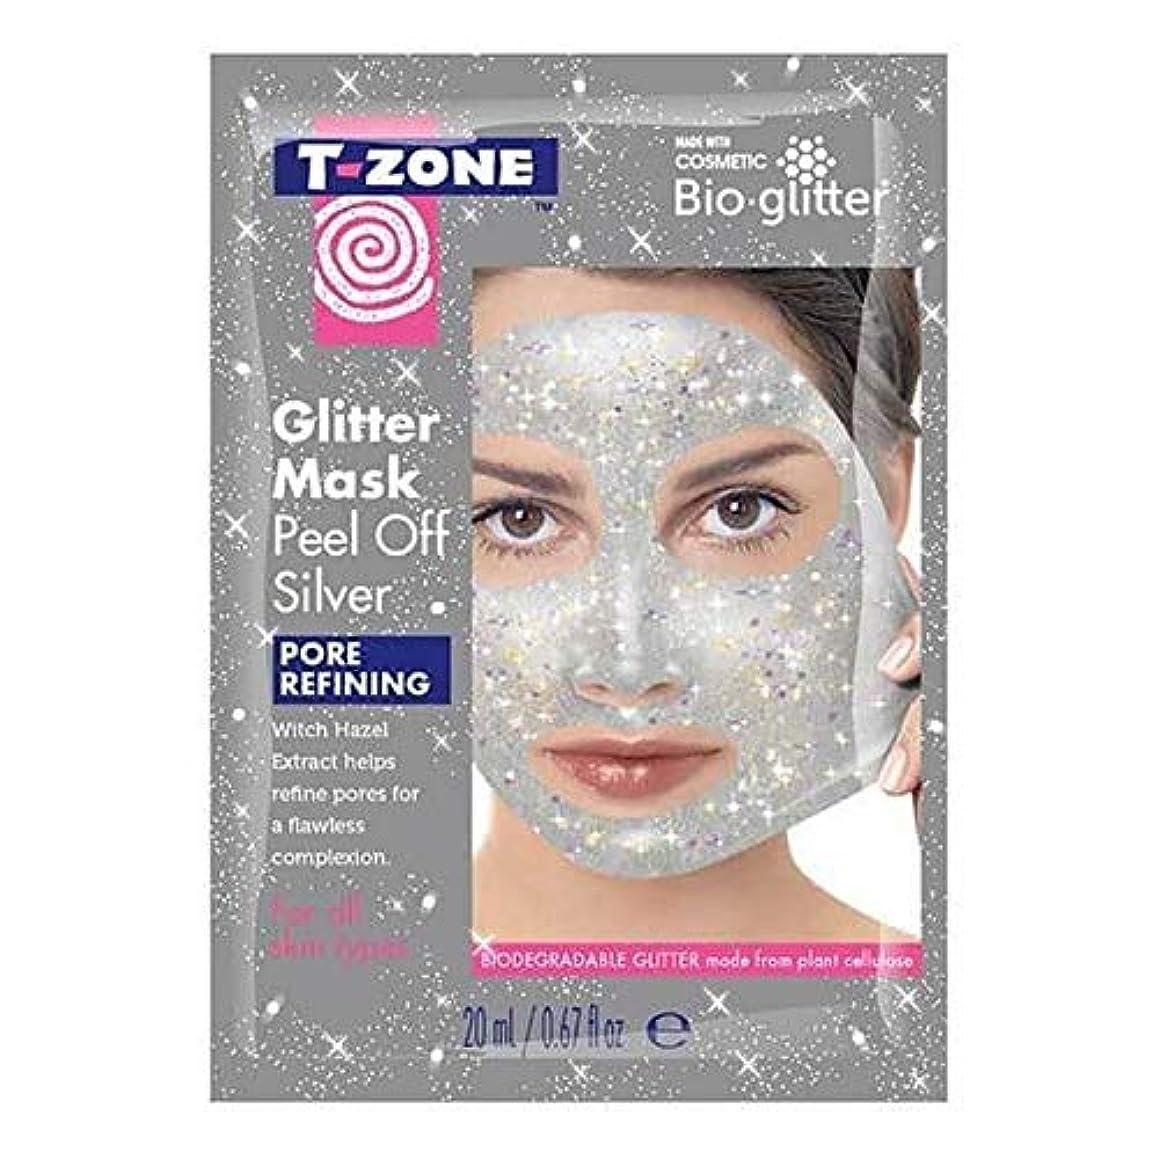 乱す絡まる永遠の[T-Zone] Tゾーンの輝きは、マスクの銀をはがし - T-Zone Glitter Peel Off Mask Silver [並行輸入品]